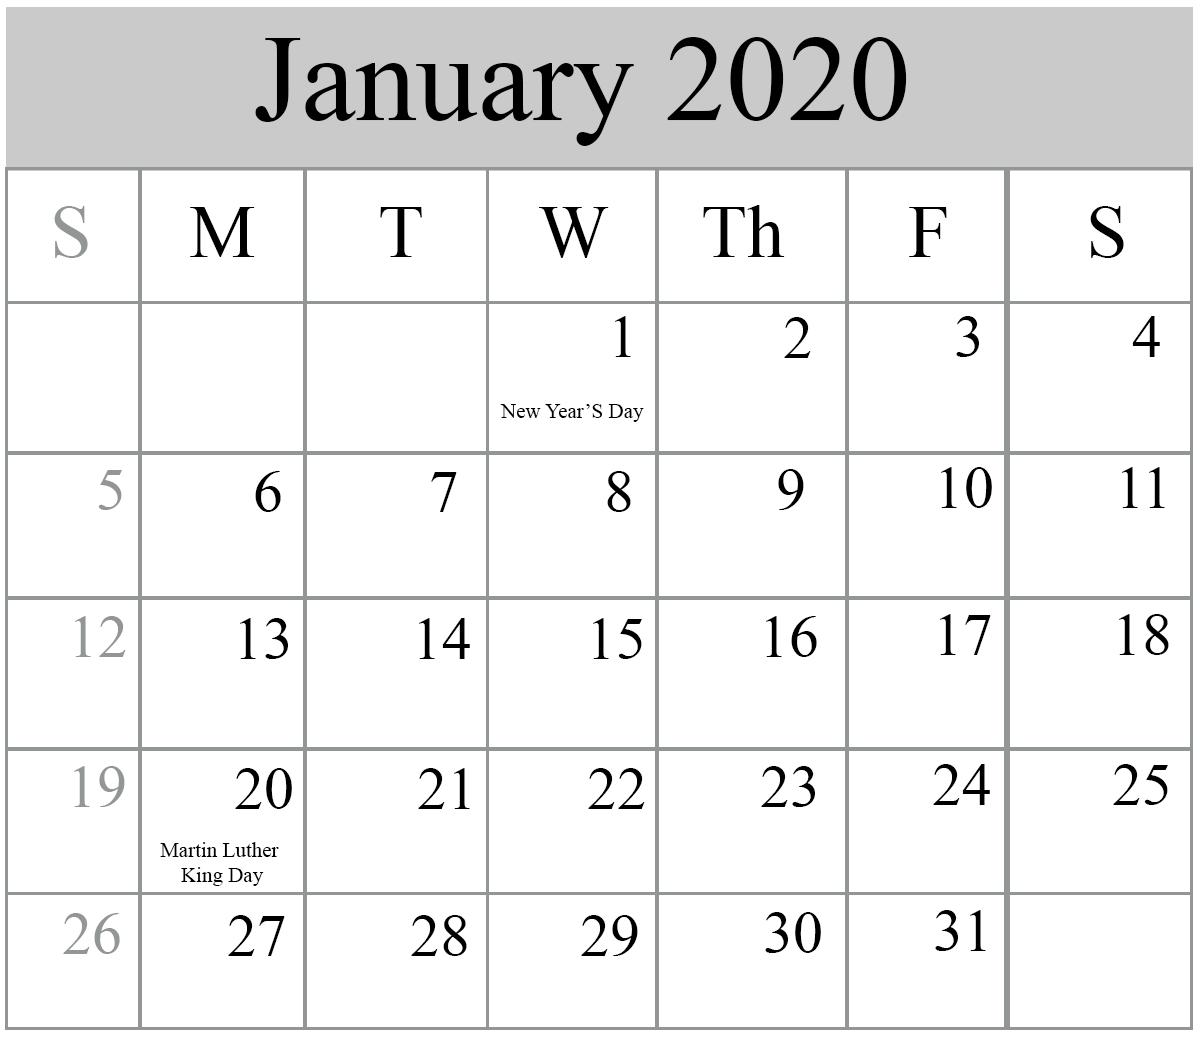 January 2020 Printable Calendar IMOM With Holidays